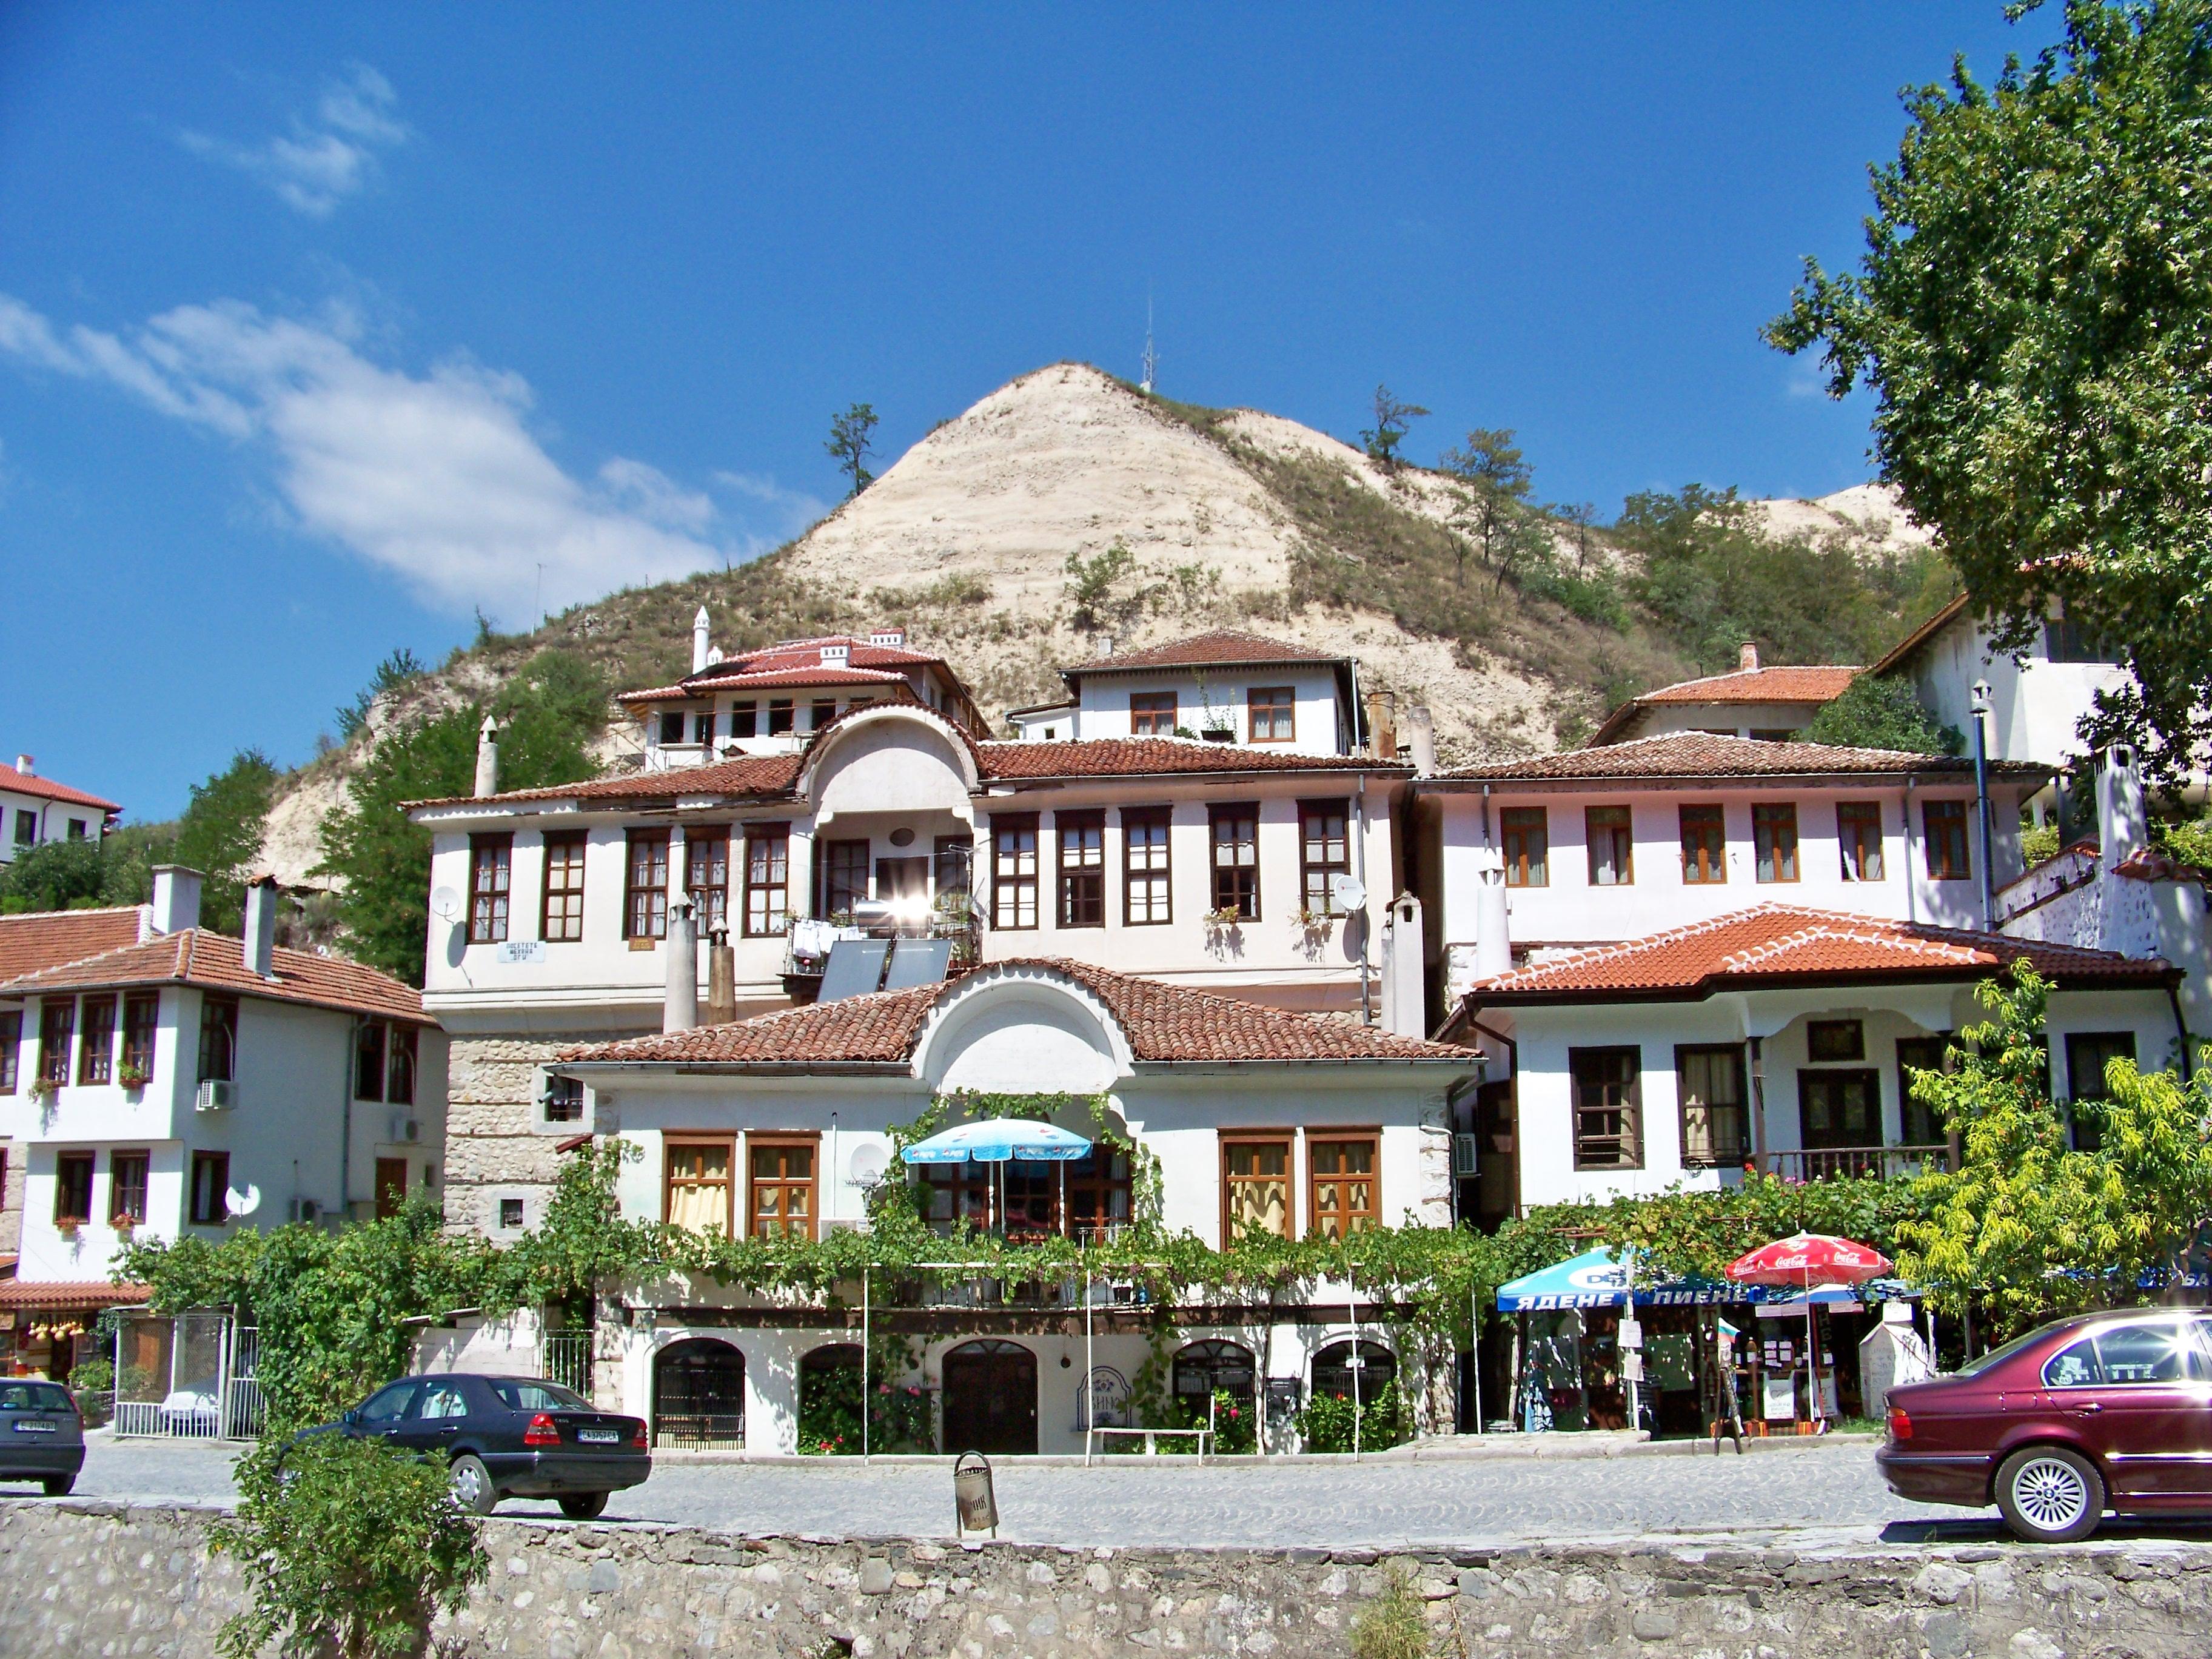 Читать дерево в городе мельник болгария как называется его мнению, для